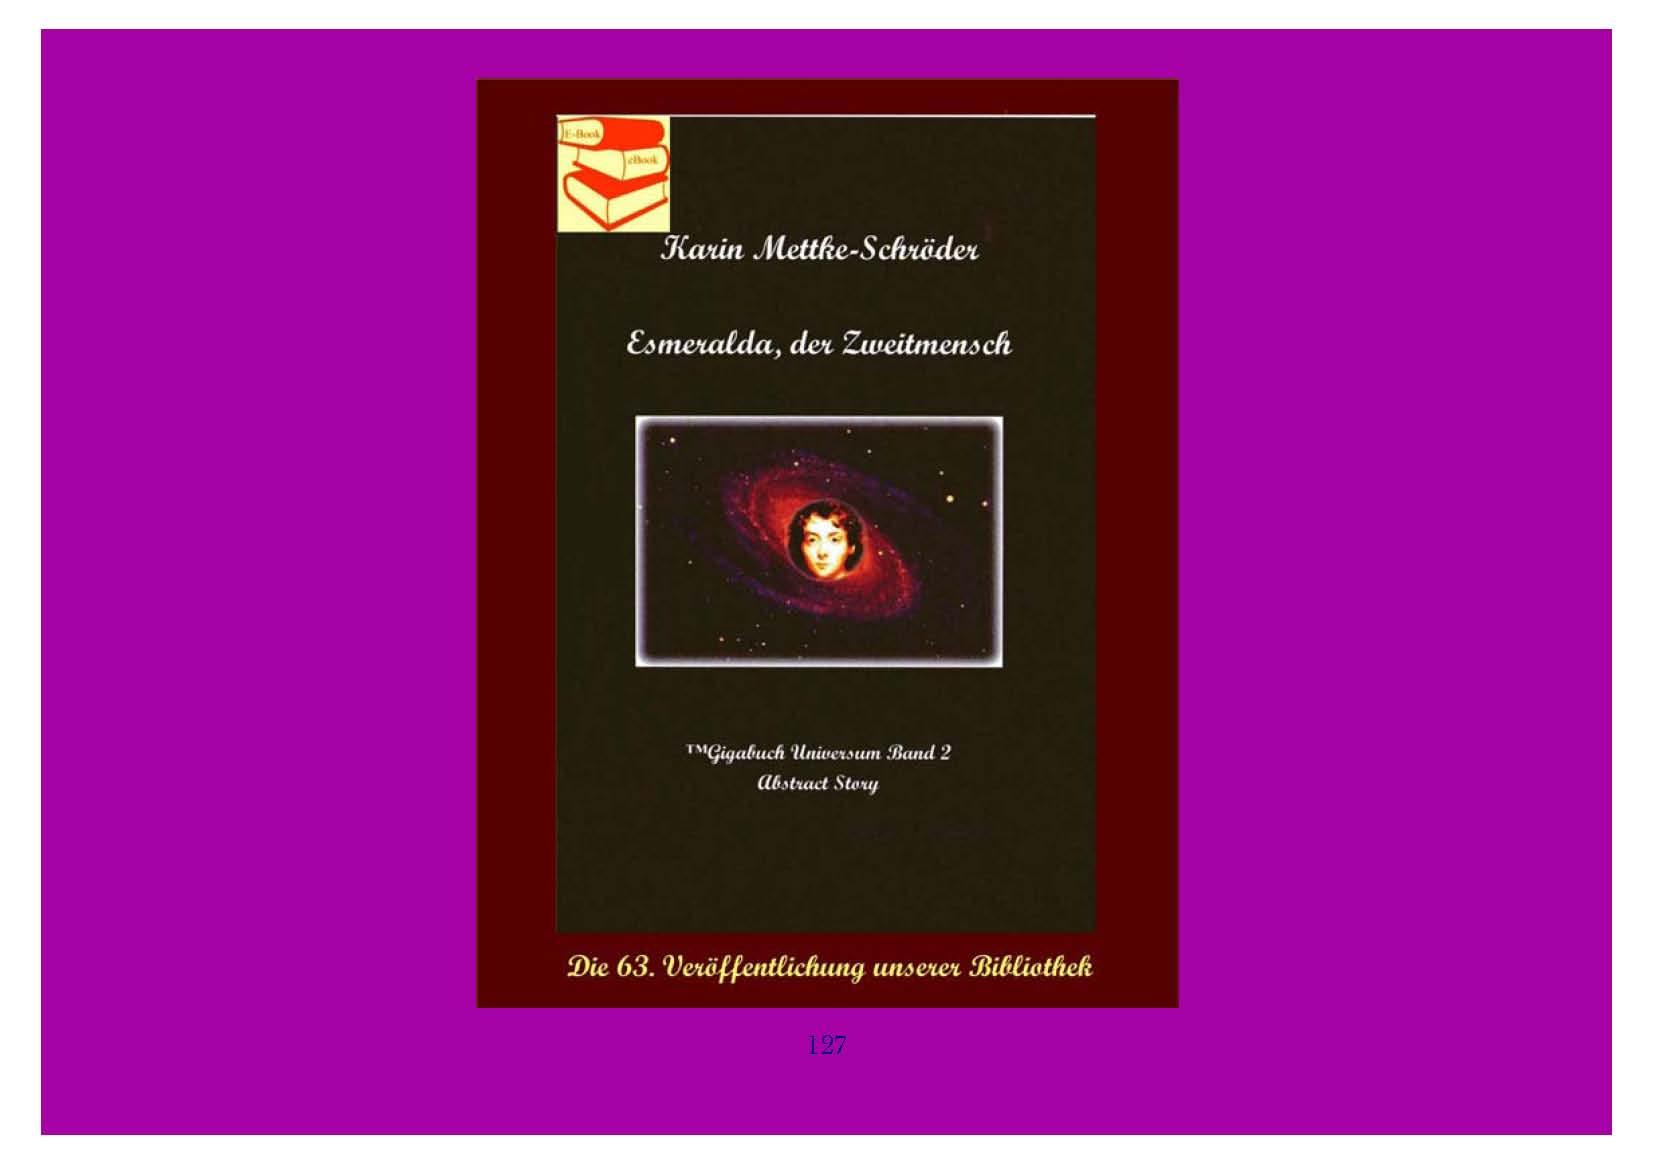 ™Gigabuch-Bibliothek/iAutobiographie Band 21/Bild 1606